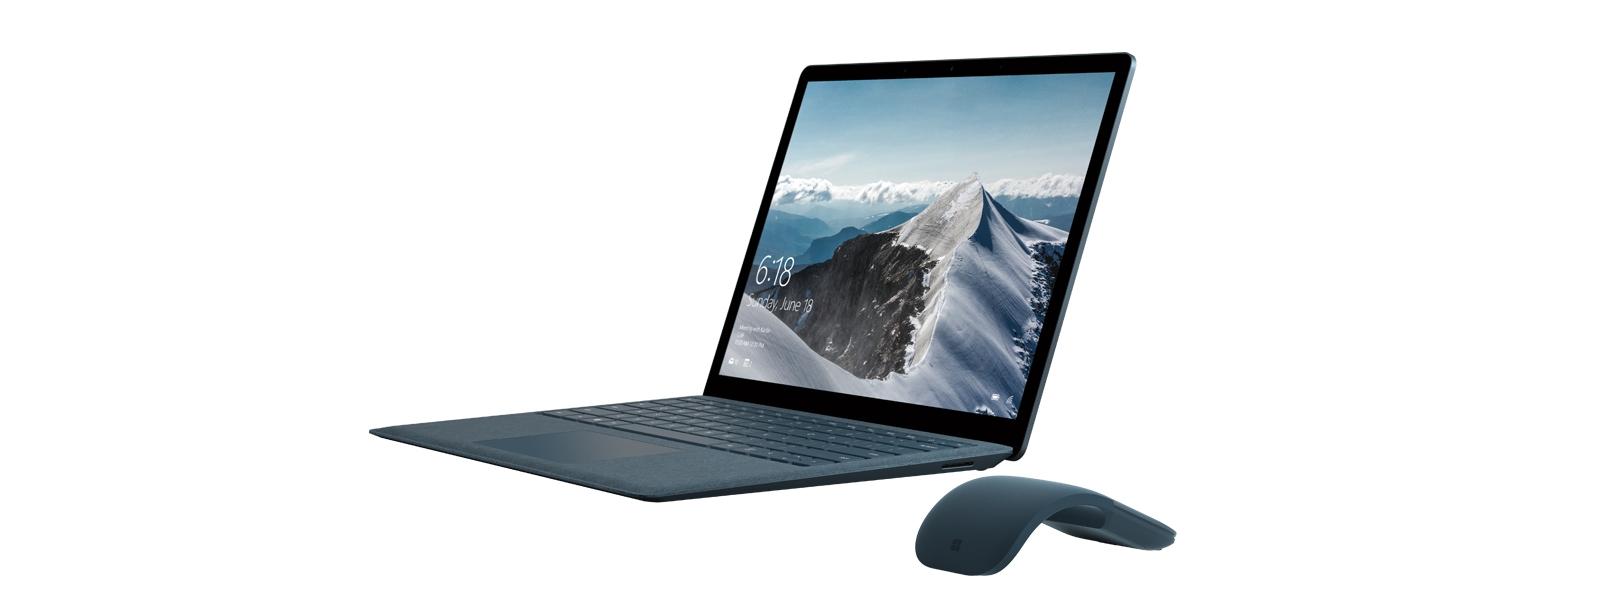 Schrägansicht eines Surface Laptop in Kobalt Blau mit schneebedecktem Berg als Bildschirmhintergrund, daneben eine Arc Touch Mouse in Kobalt Blau.